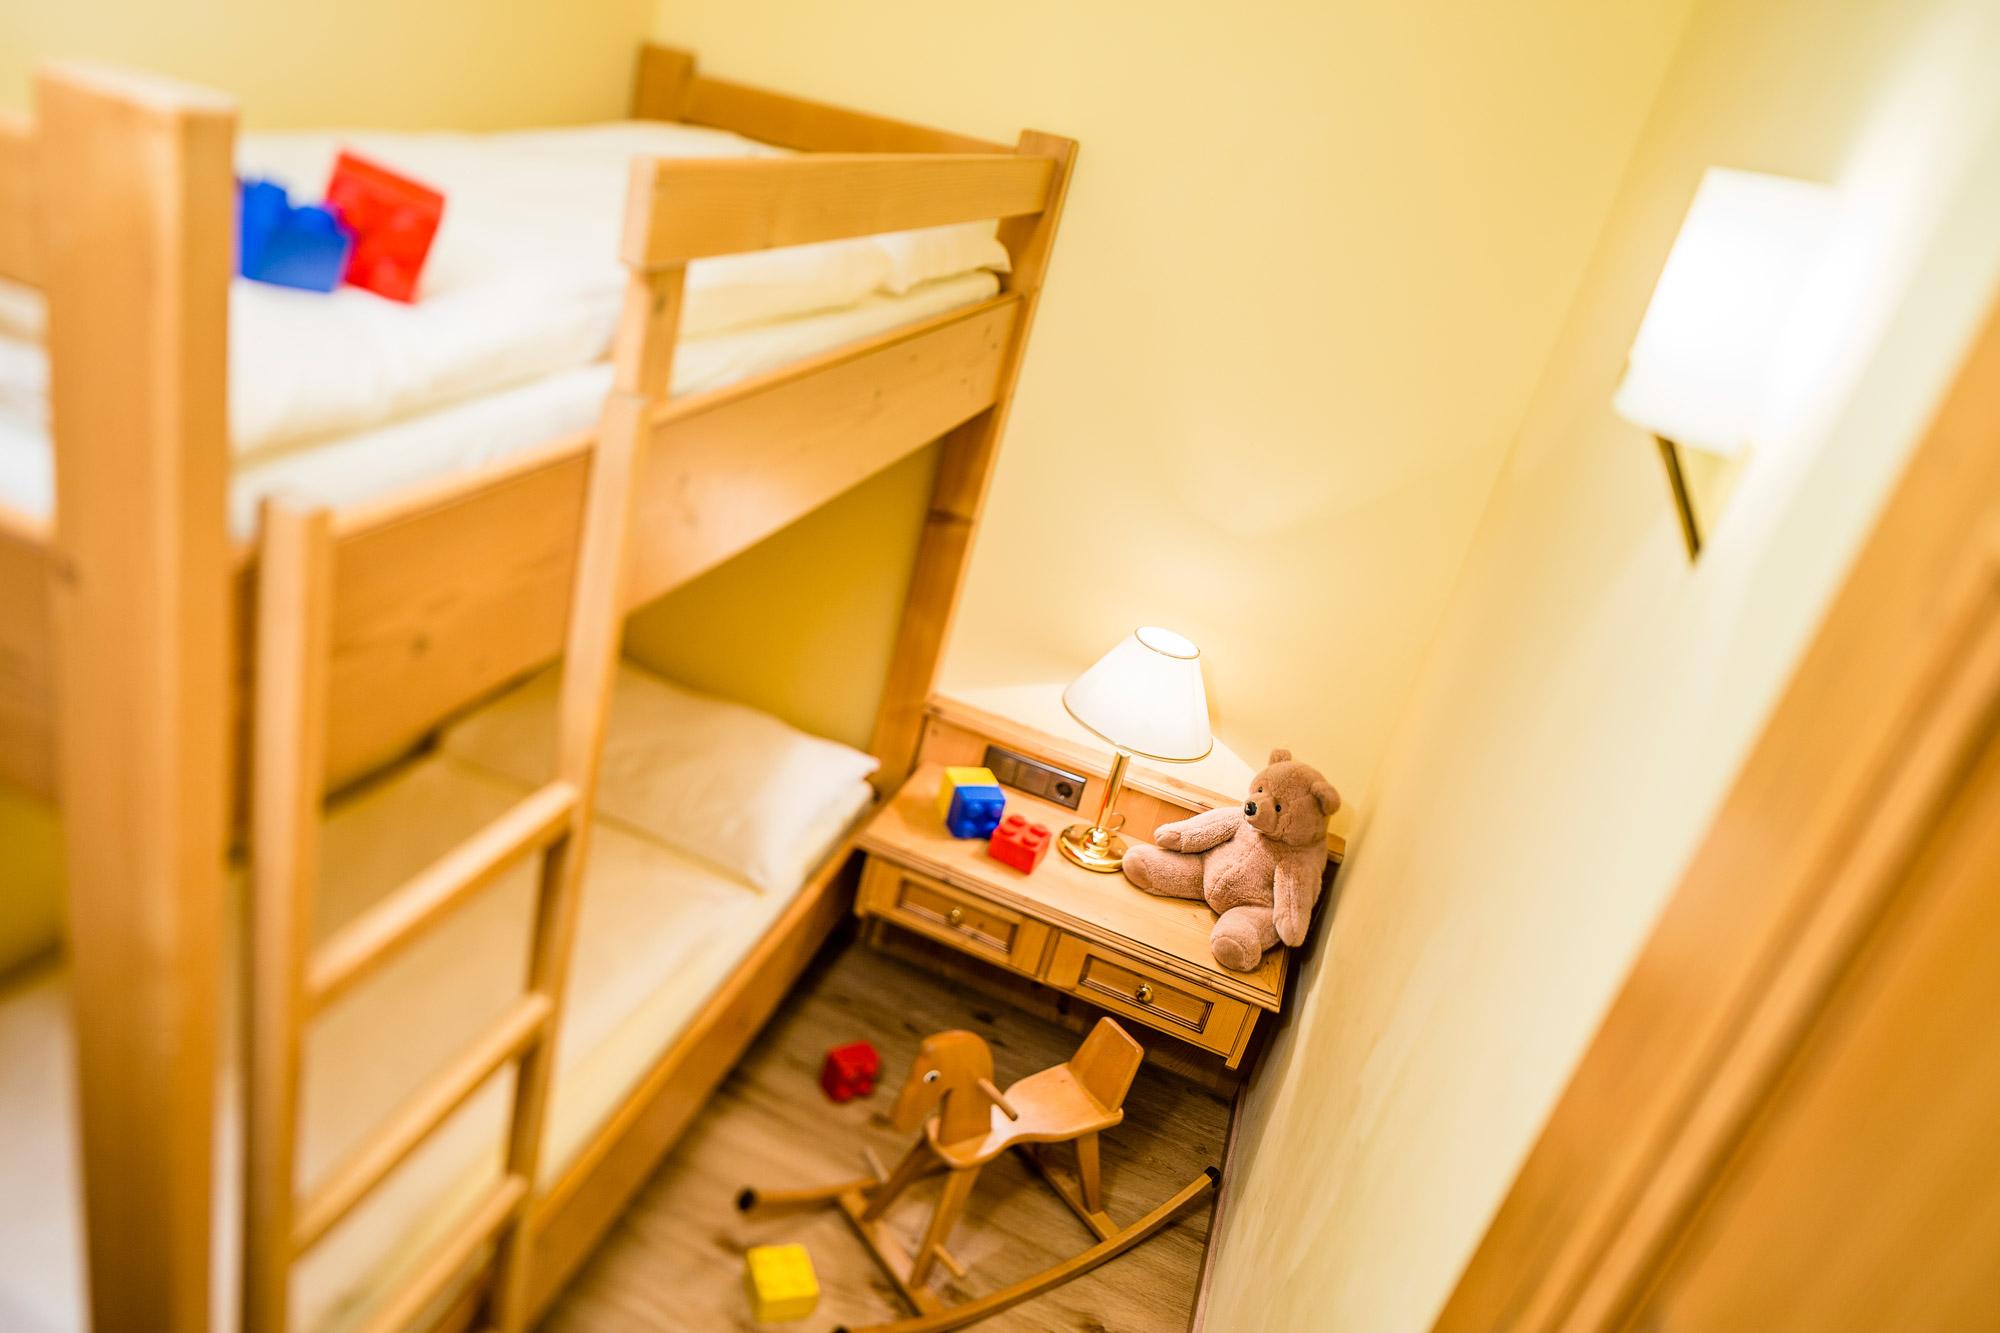 Chambre de type familial avec lit superposé et jouets d'enfants dispersés